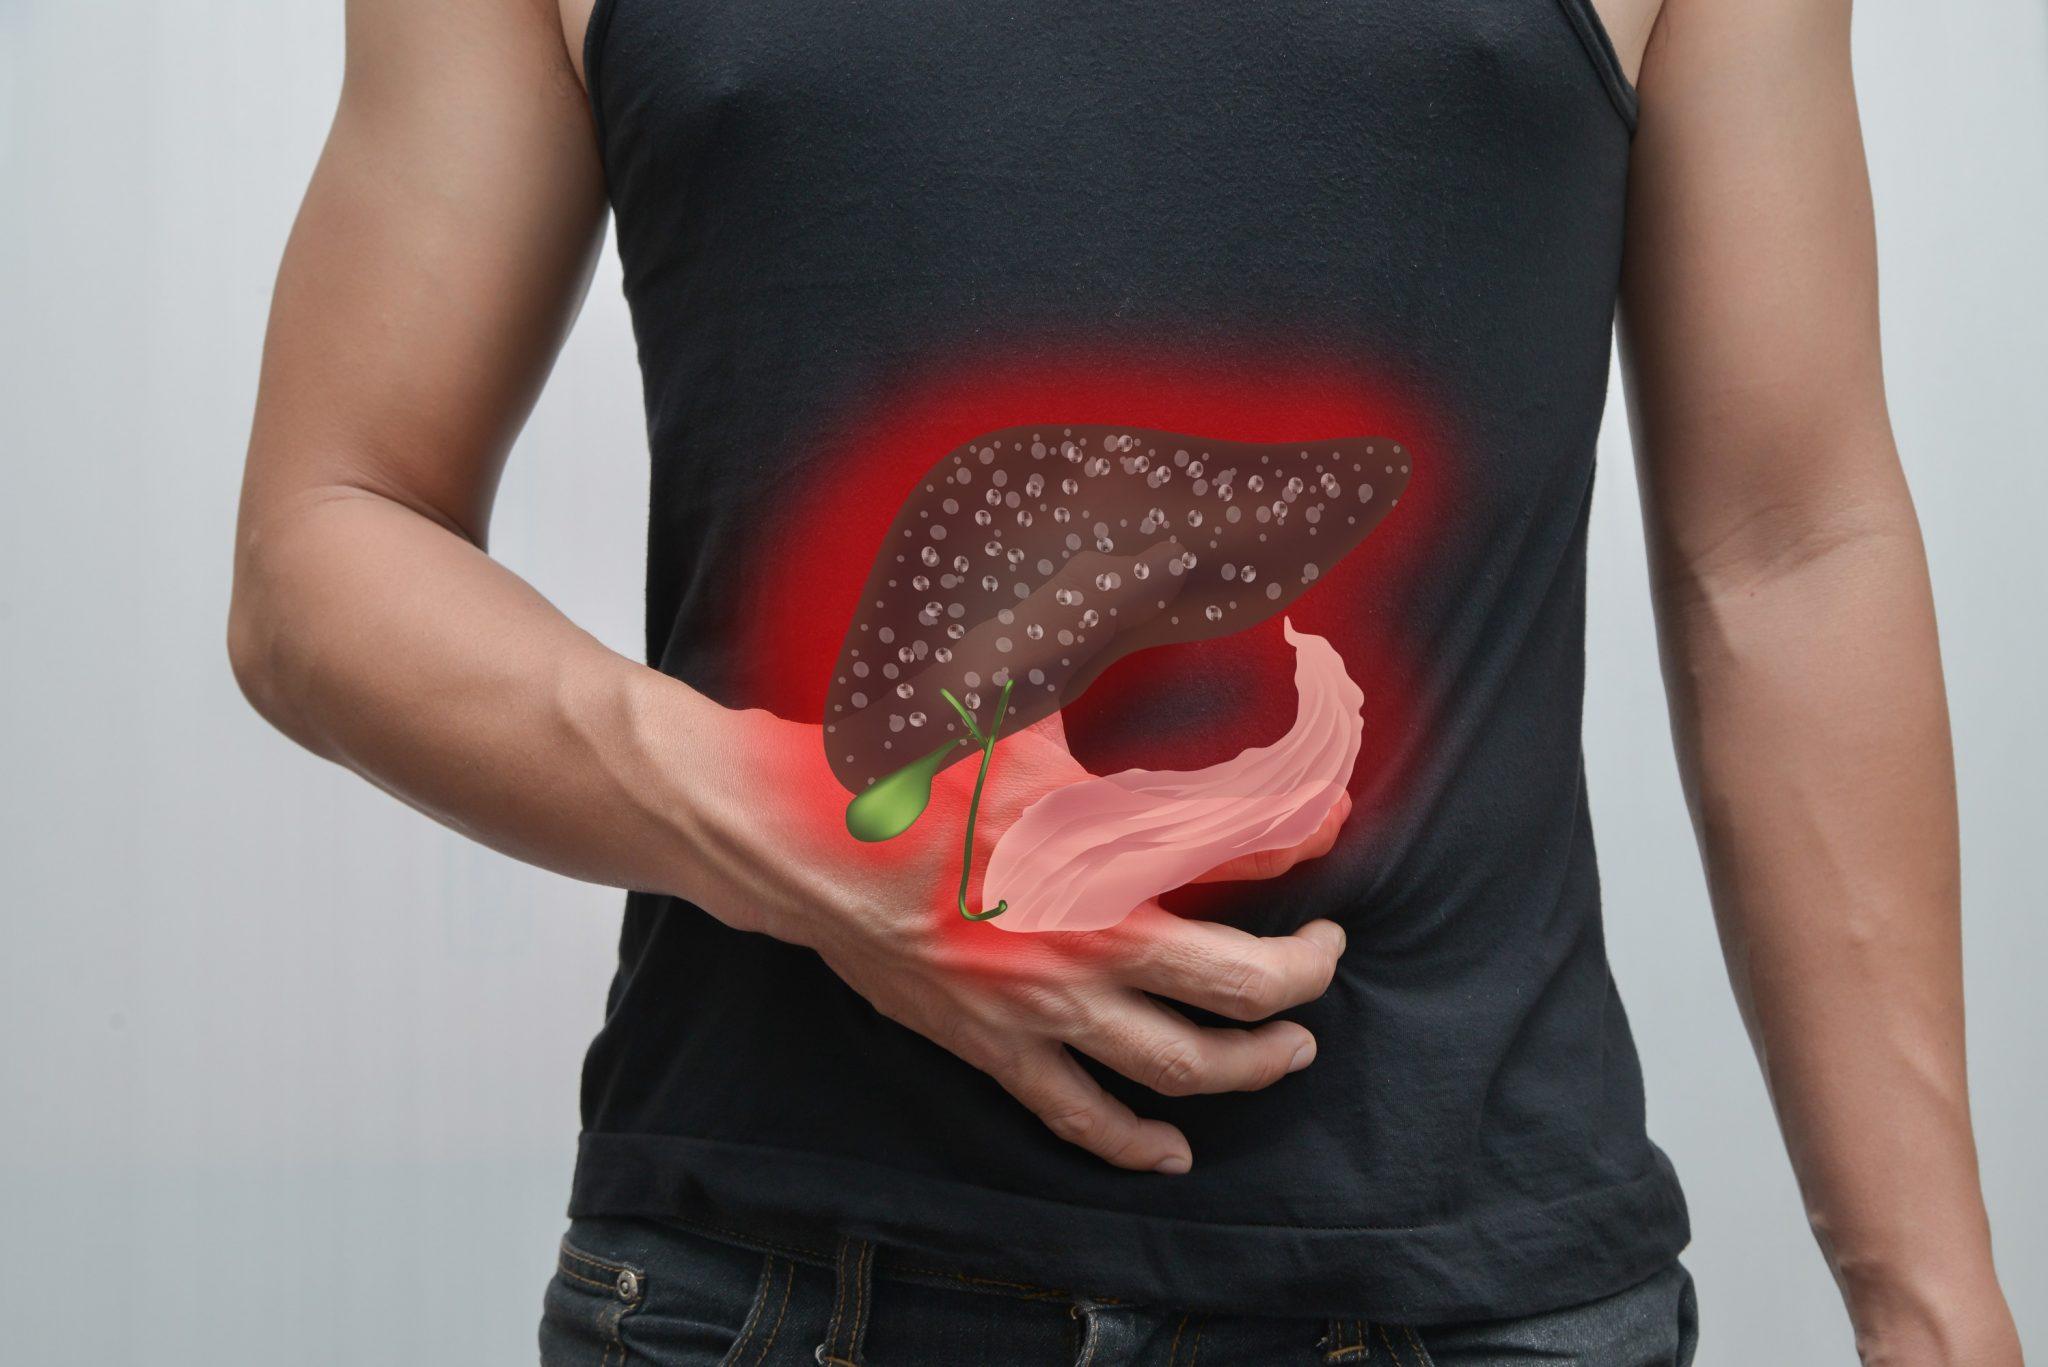 Cách điều trị bệnh gan nhiễm mỡ độ 1 hiệu quả nhất - Nhà thuốc Long Châu